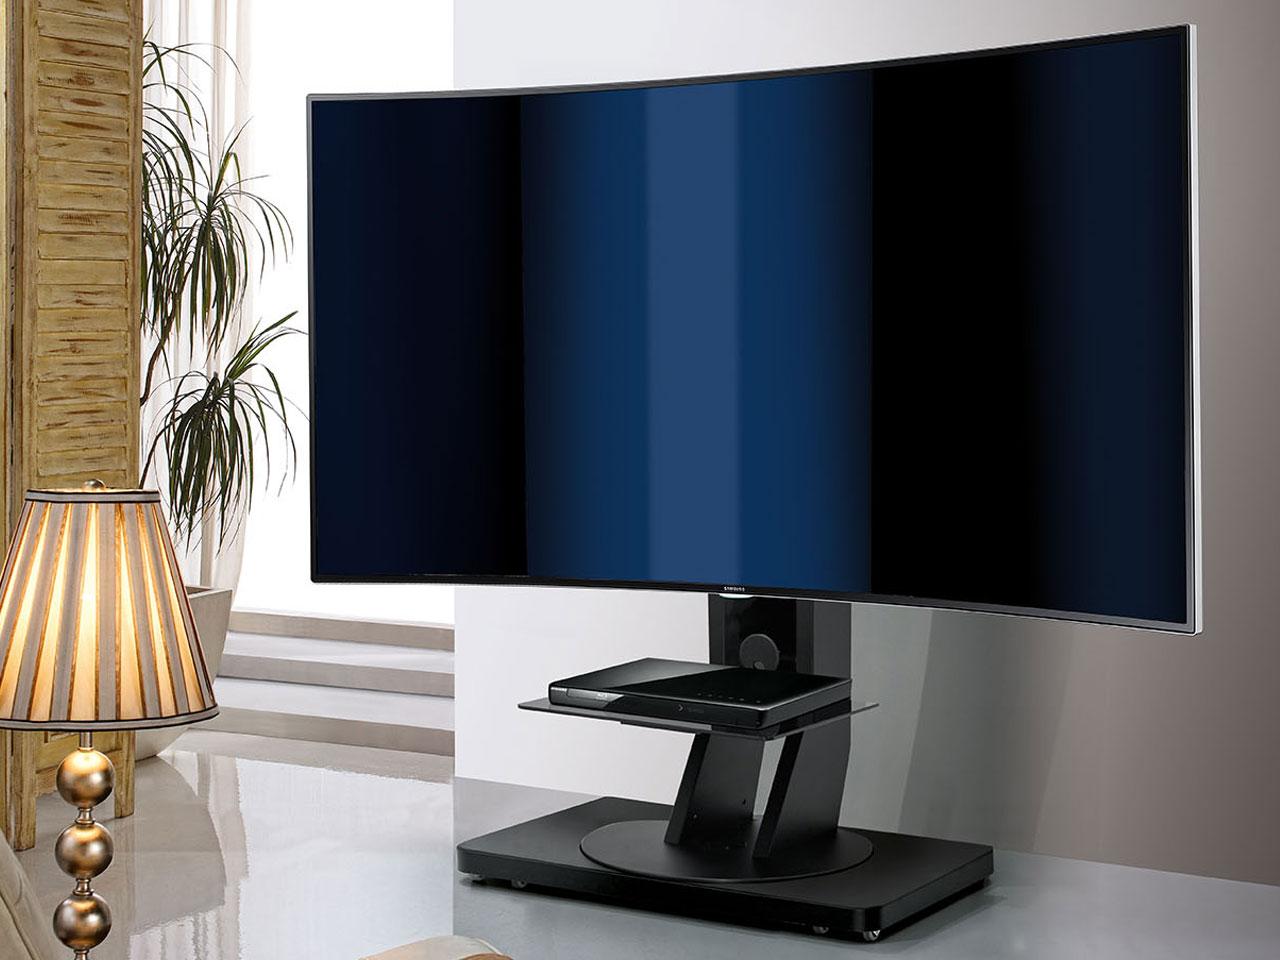 schwenkbarer fernsehst nder cmb 110 mit rollen bis 88 zoll. Black Bedroom Furniture Sets. Home Design Ideas